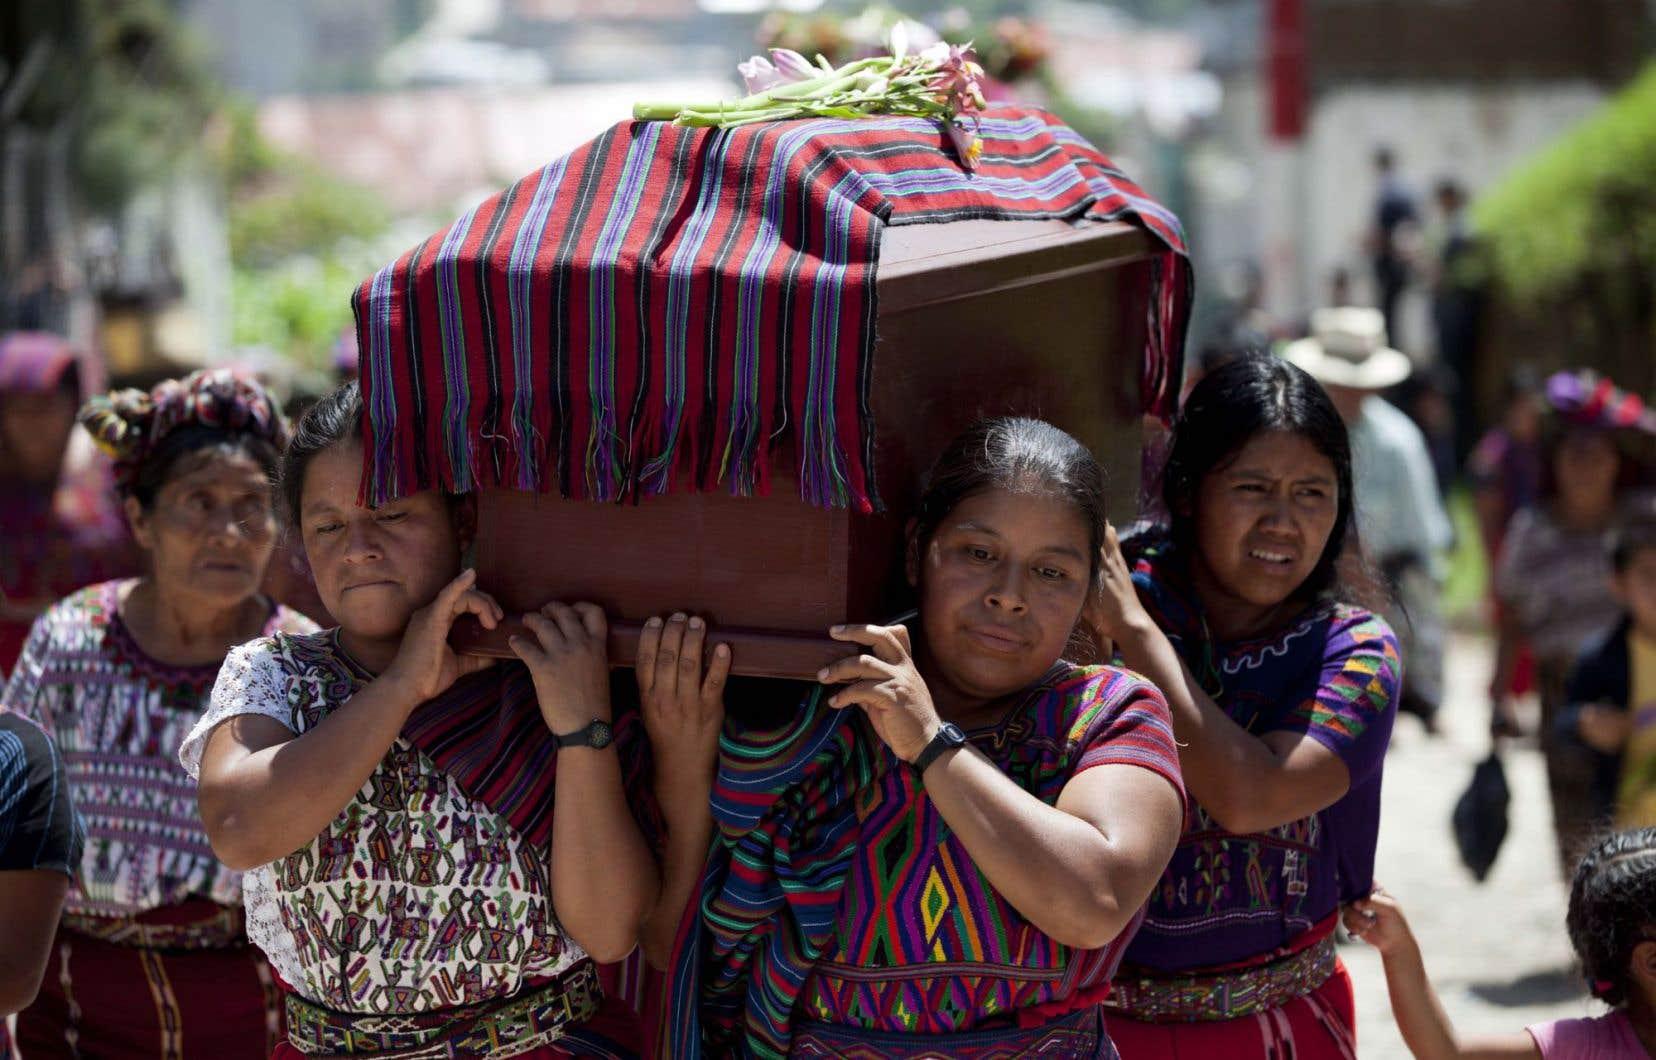 «Outre la violence extrême, le [Guatemala] connaît des indicateurs sociaux très bas en matière de nutrition, de pauvreté, de santé et d'éducation», relève Marie-Dominik Langlois.